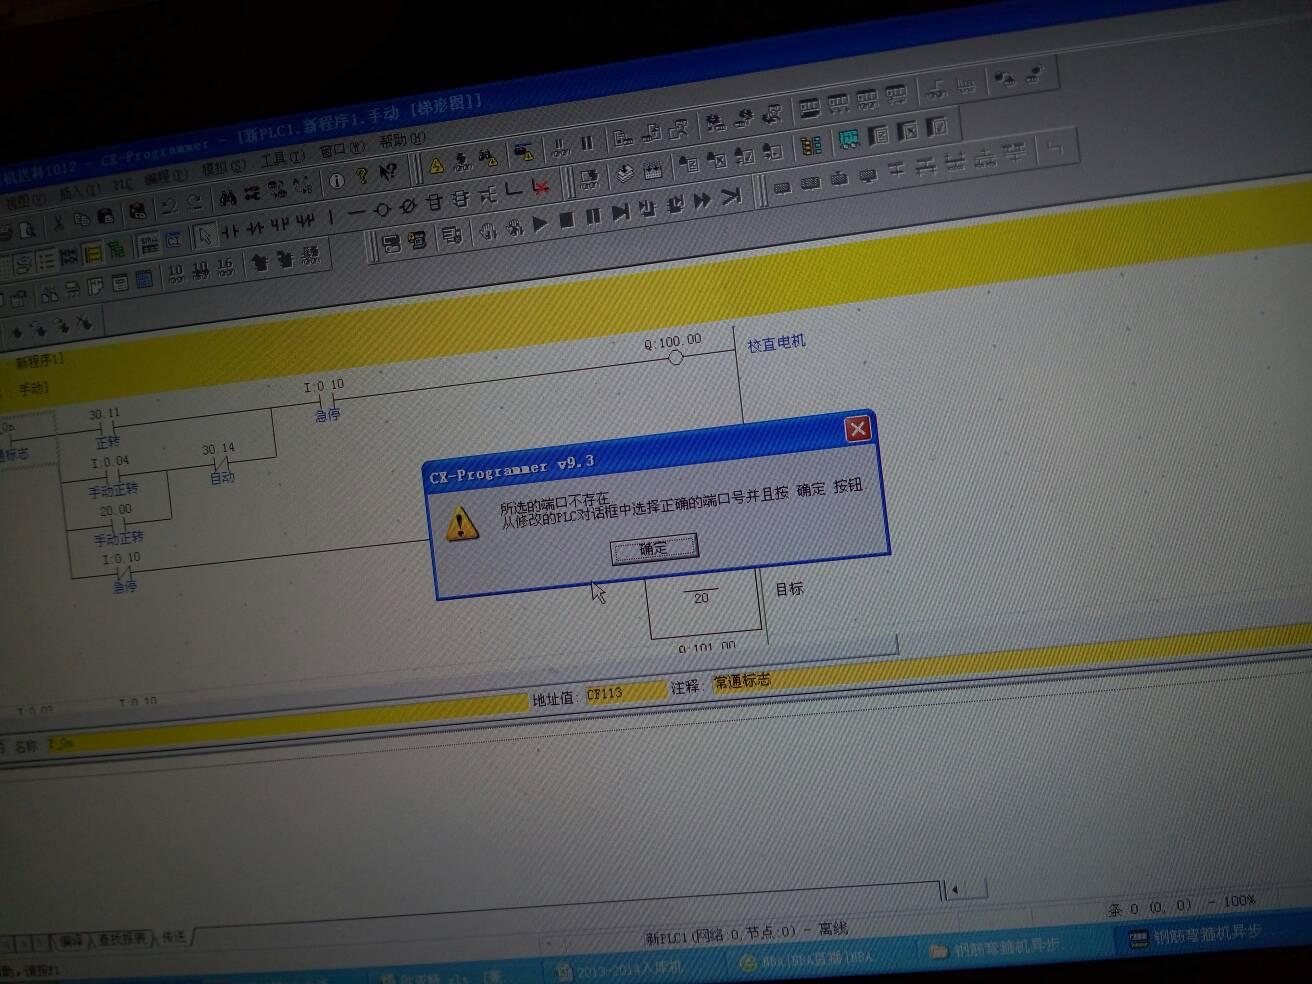 欧姆龙程序软件连不上plc,plc型号是cp1e图片